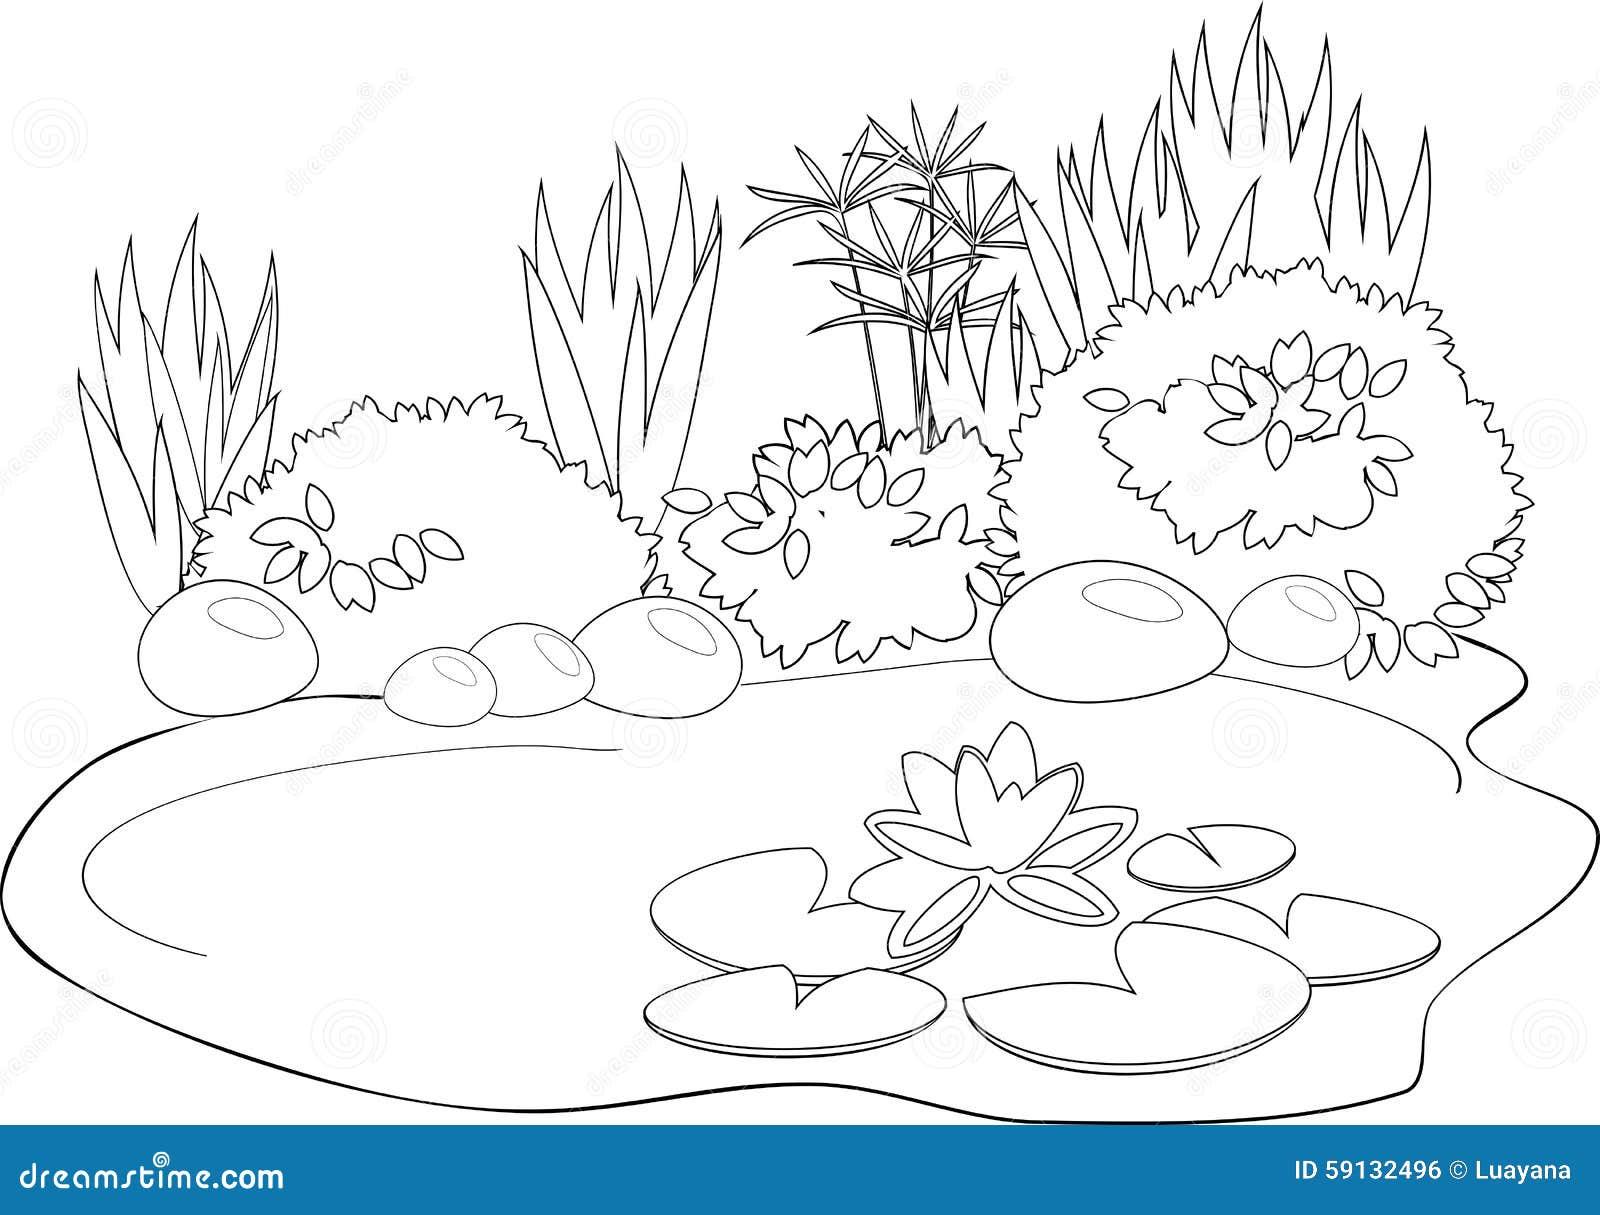 Tang de coloration illustration de vecteur illustration for Pond coloring pages